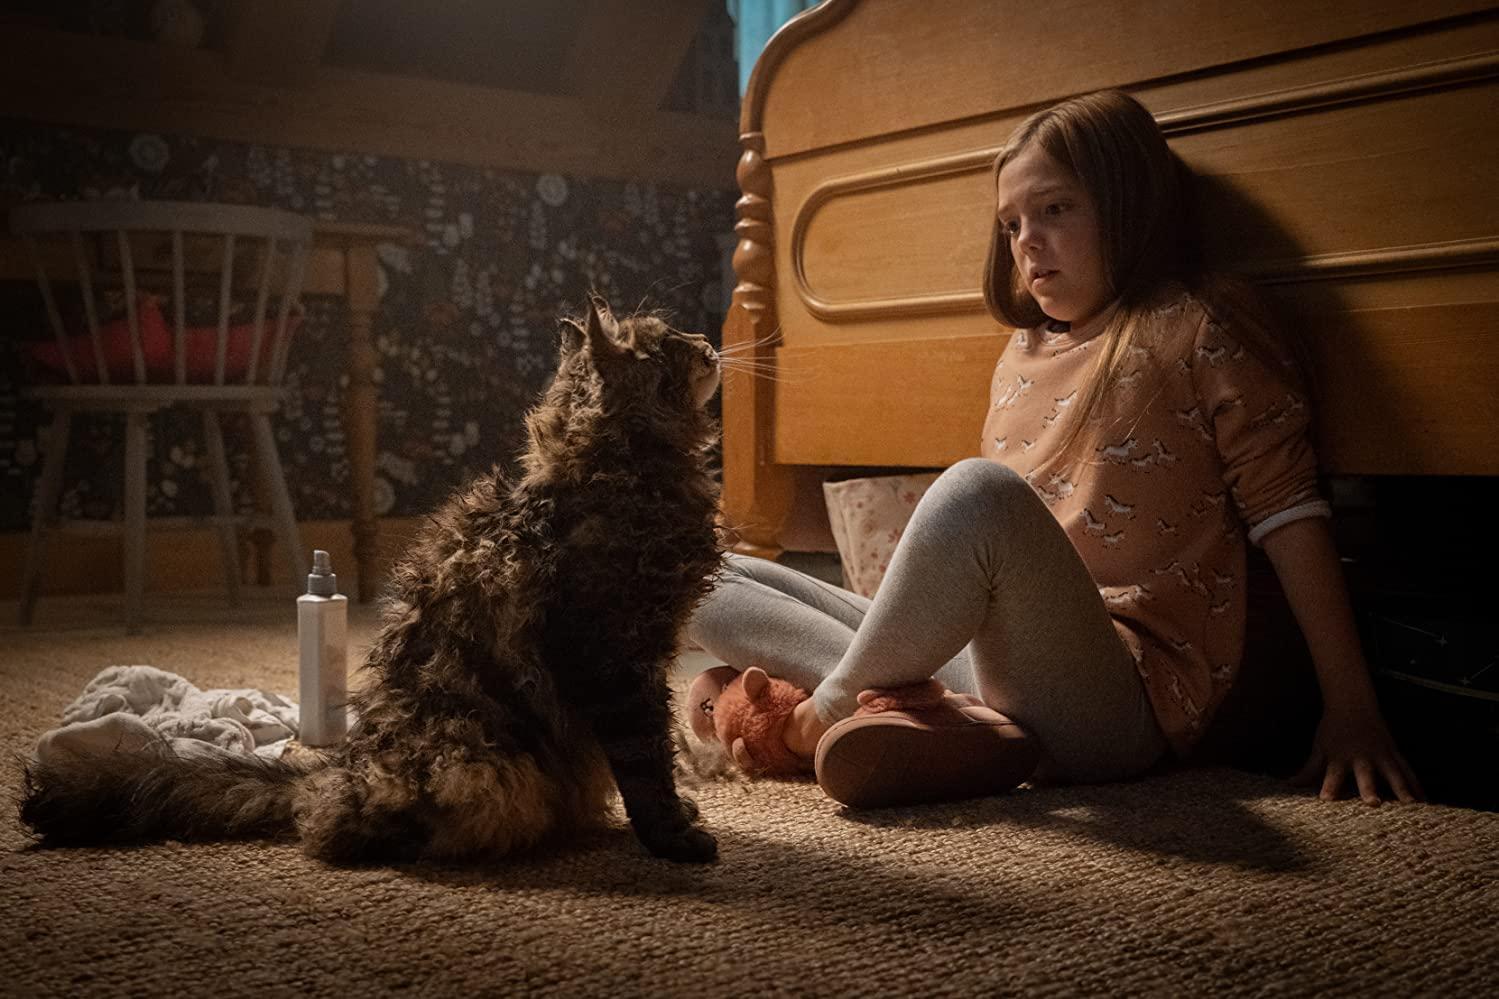 مشاهدة فيلم Pet Sematary (2019) مترجم HD اون لاين